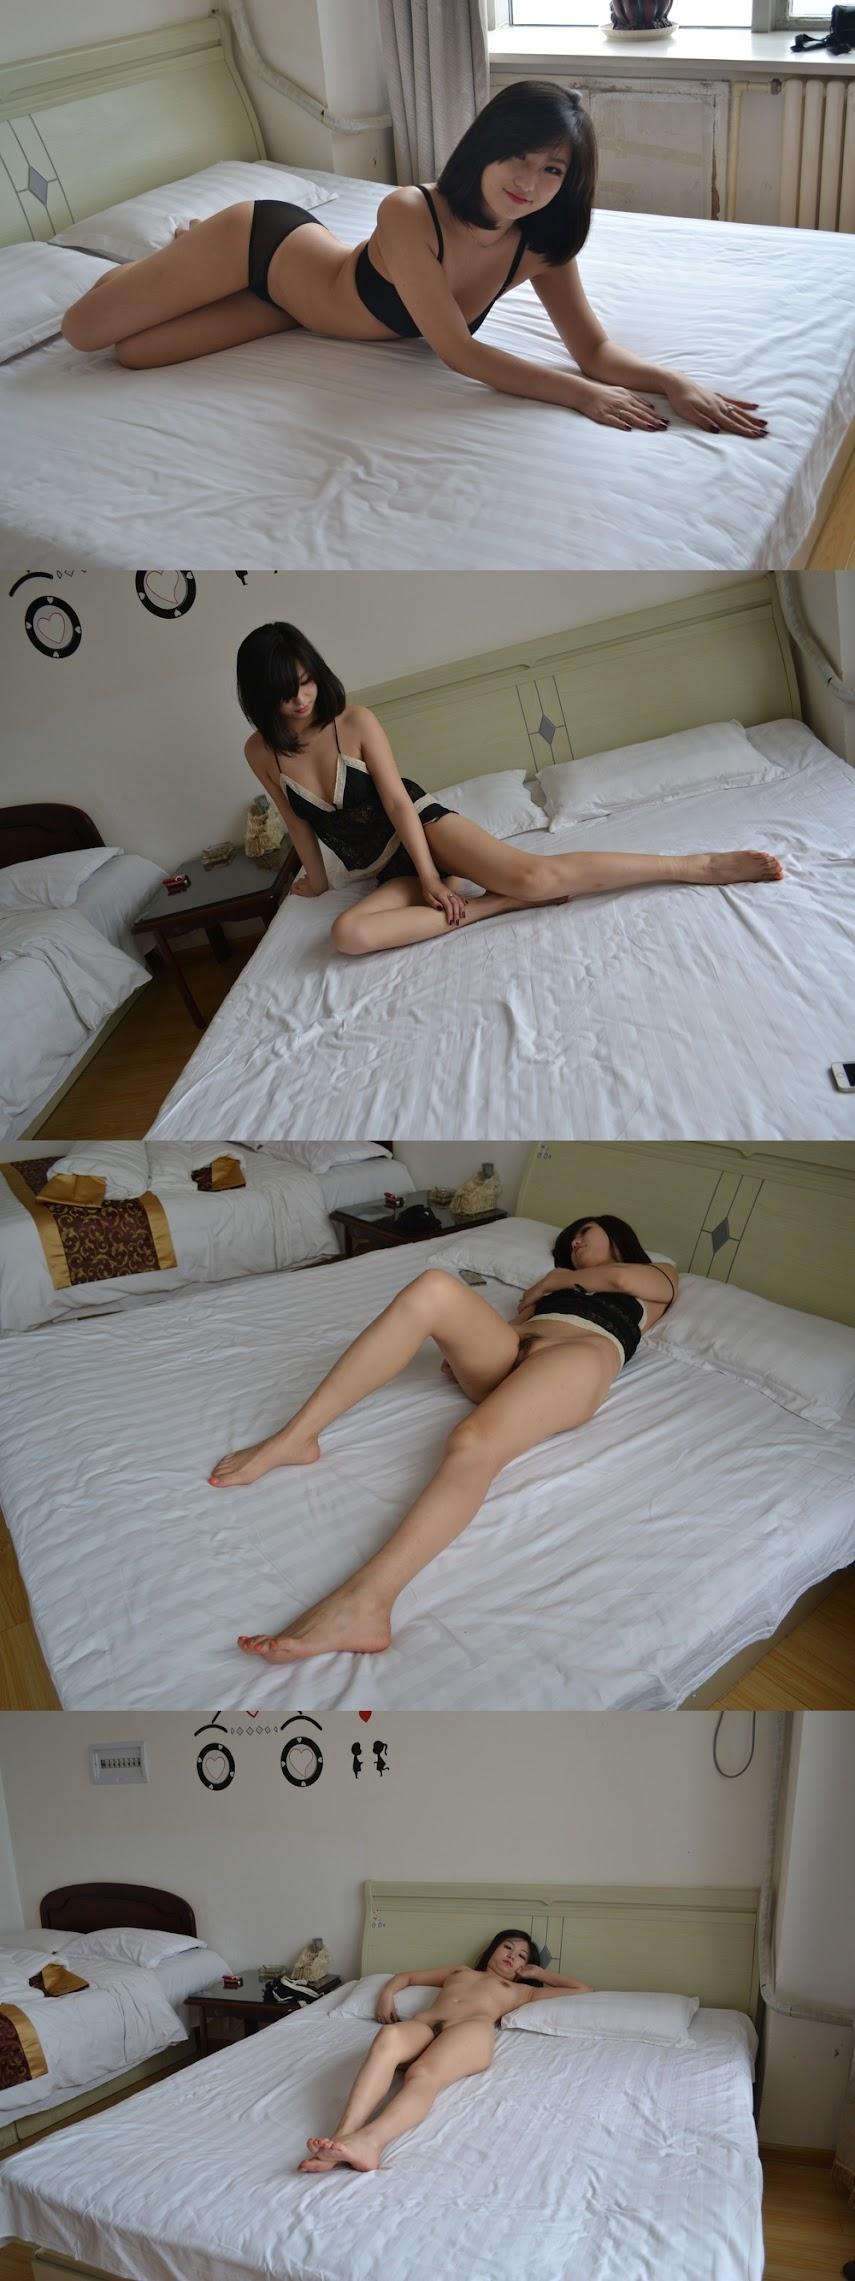 Asian 9029菻菻2014.02.22(D).part2 asian 07050